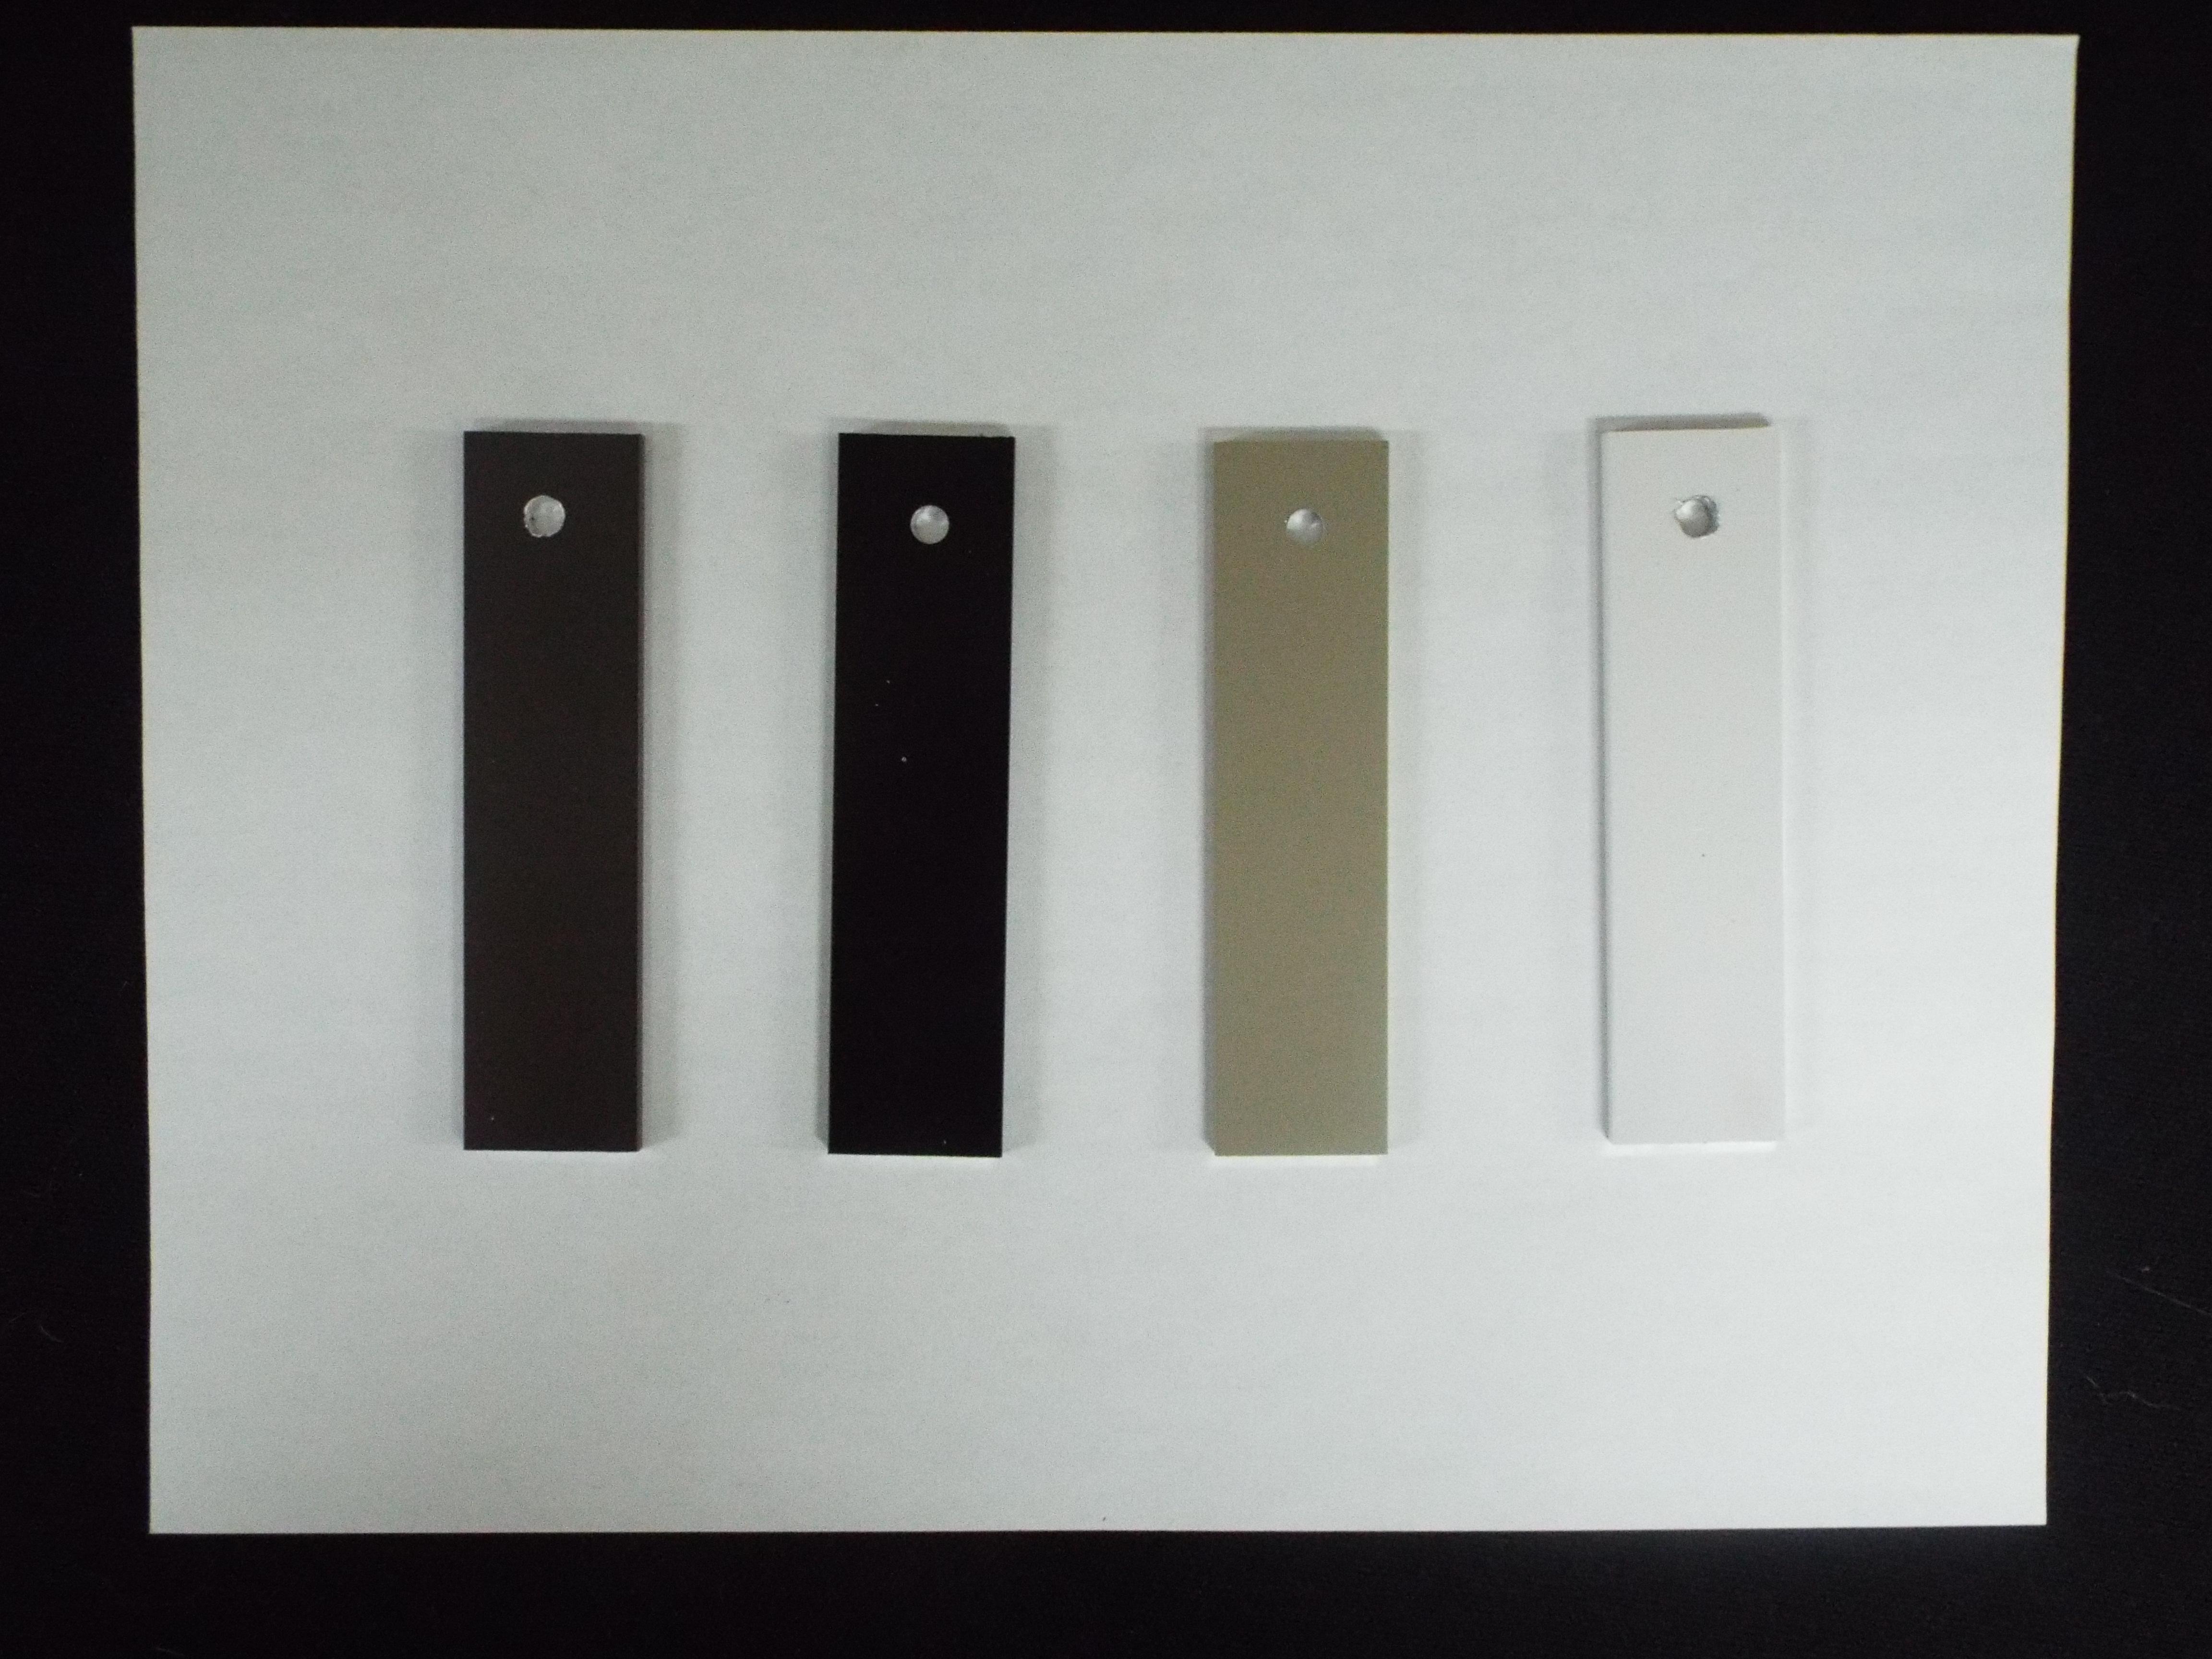 Choix de produits aluminium lmg - Couleur de l aluminium ...